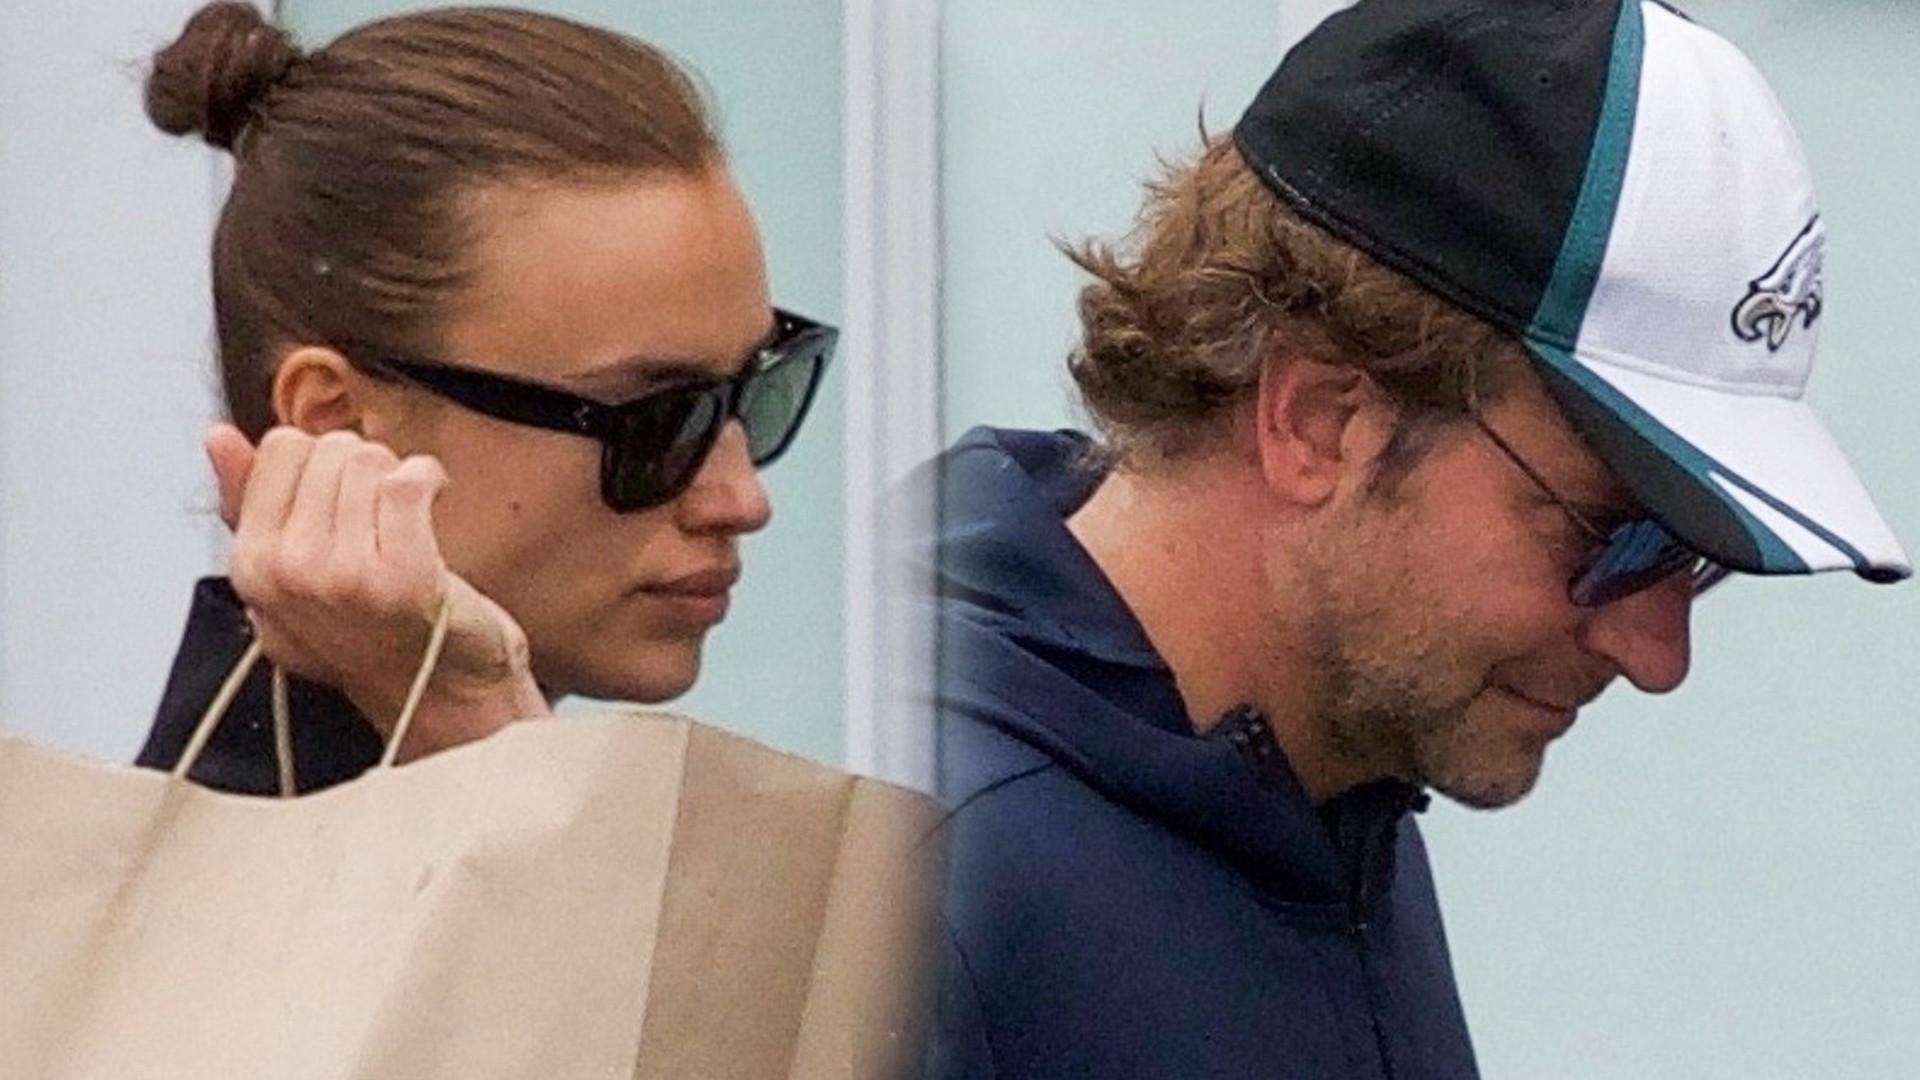 Bradley Cooper i Irina Shayk w poważnym kryzysie. Oto kolejne szczegóły na temat ich związku